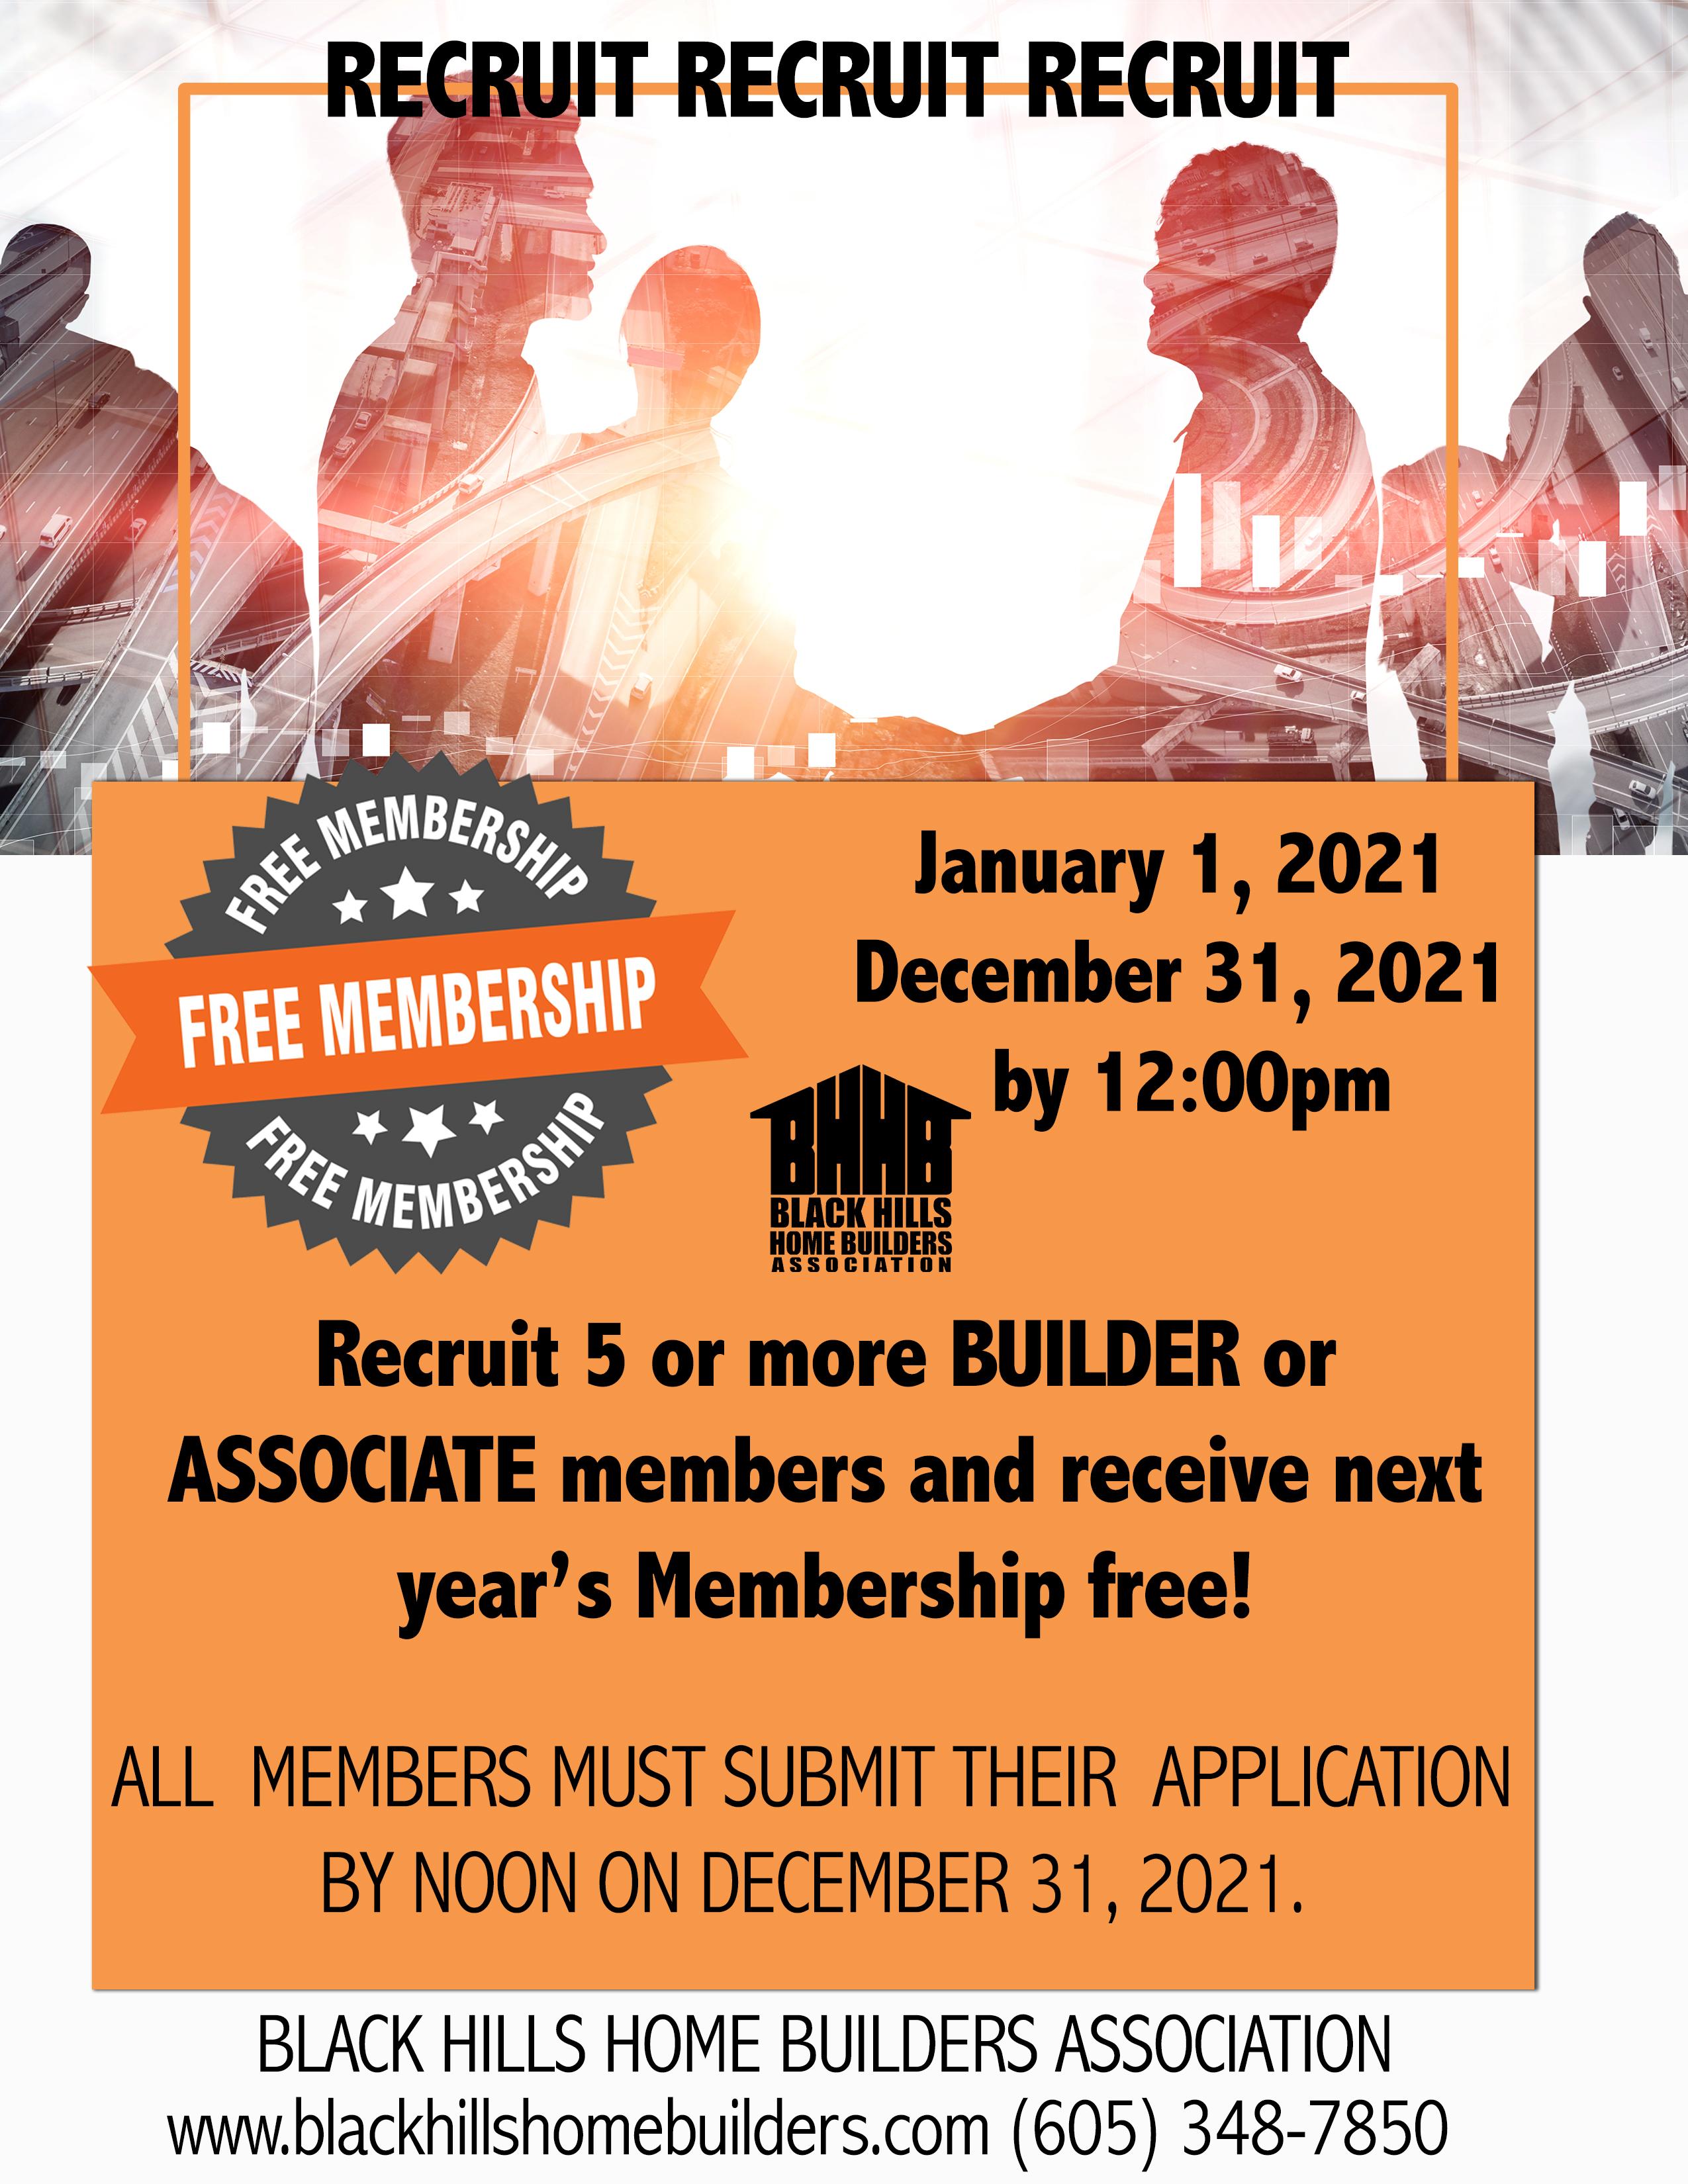 2021-5-or-More-Recruitment-flyer-.jpg